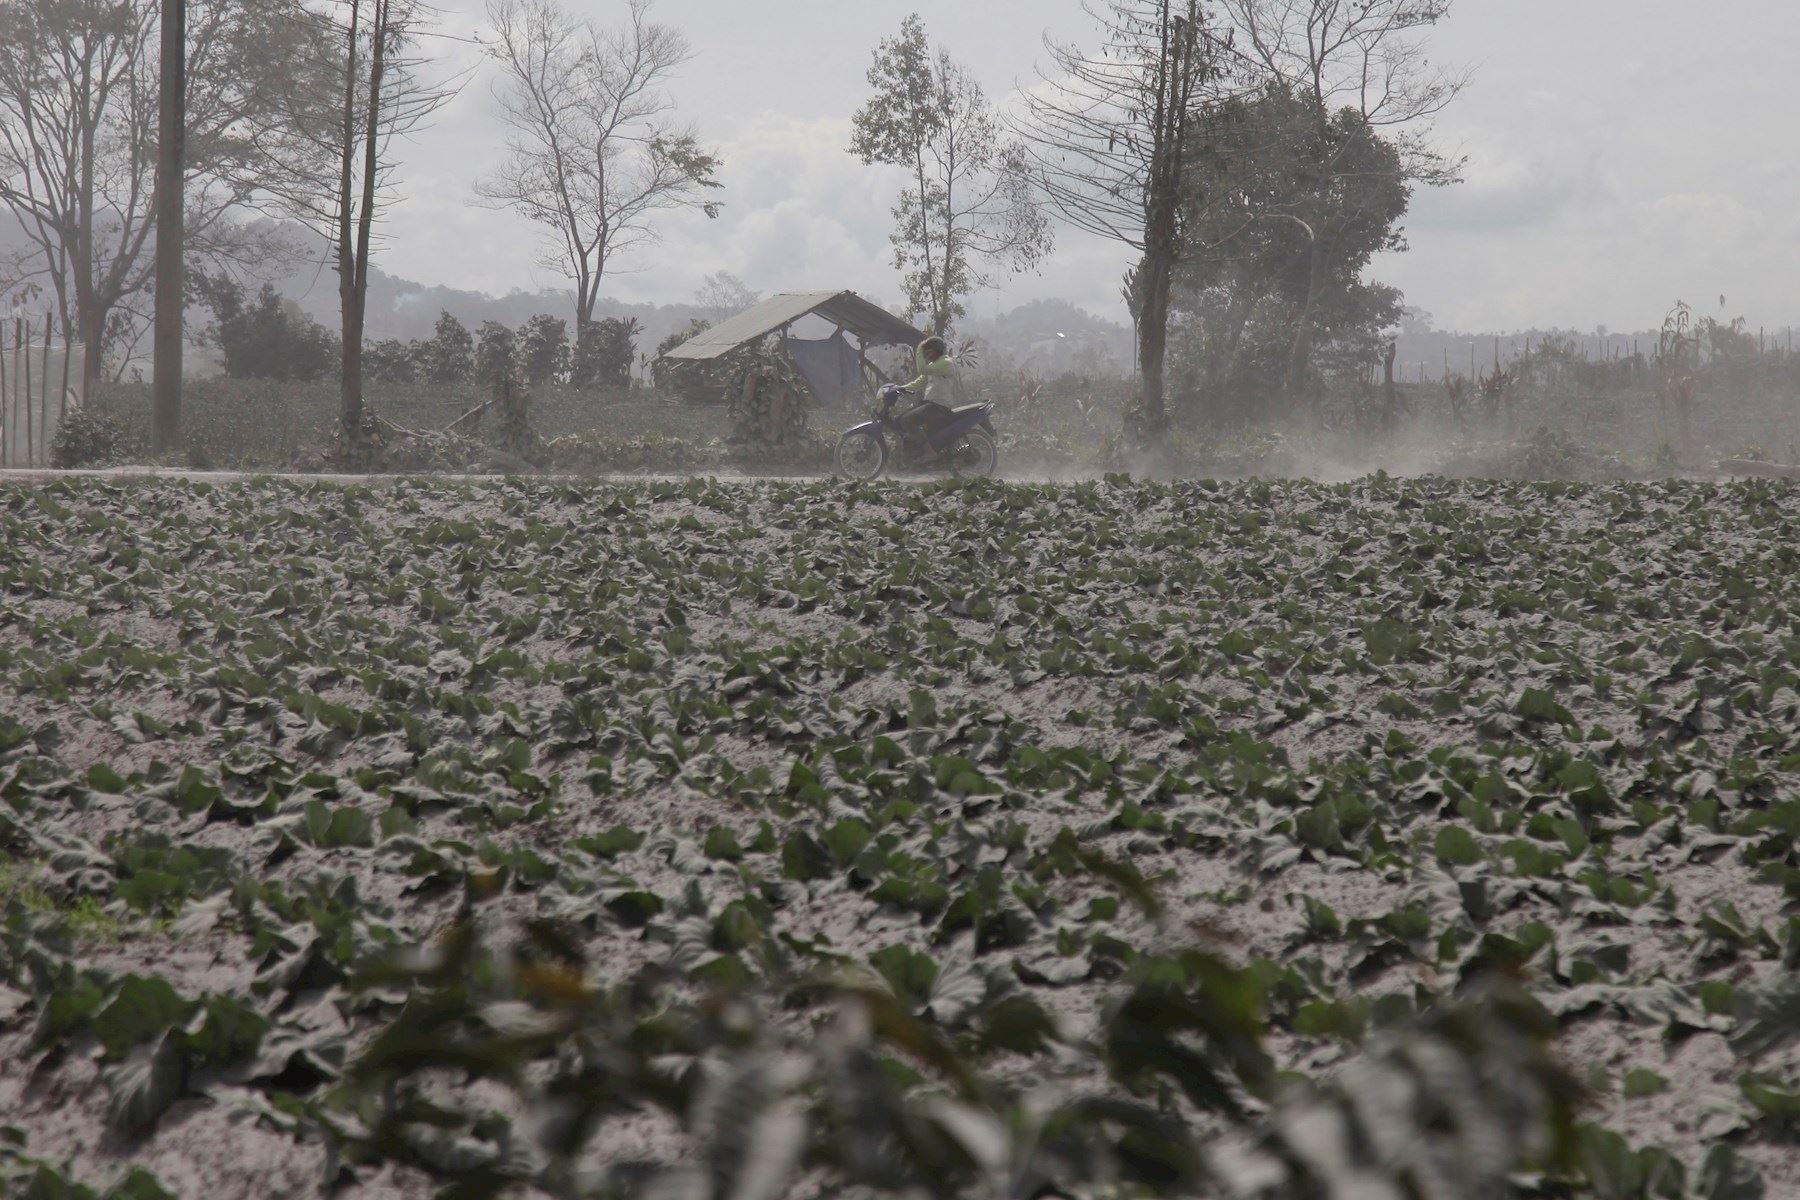 El volcán Sinabung arroja ceniza durante su segunda erupción hacia el anochecer, visto desde el distrito de Karo, en el norte de Sumatra, Indonesia. Foto: EFE